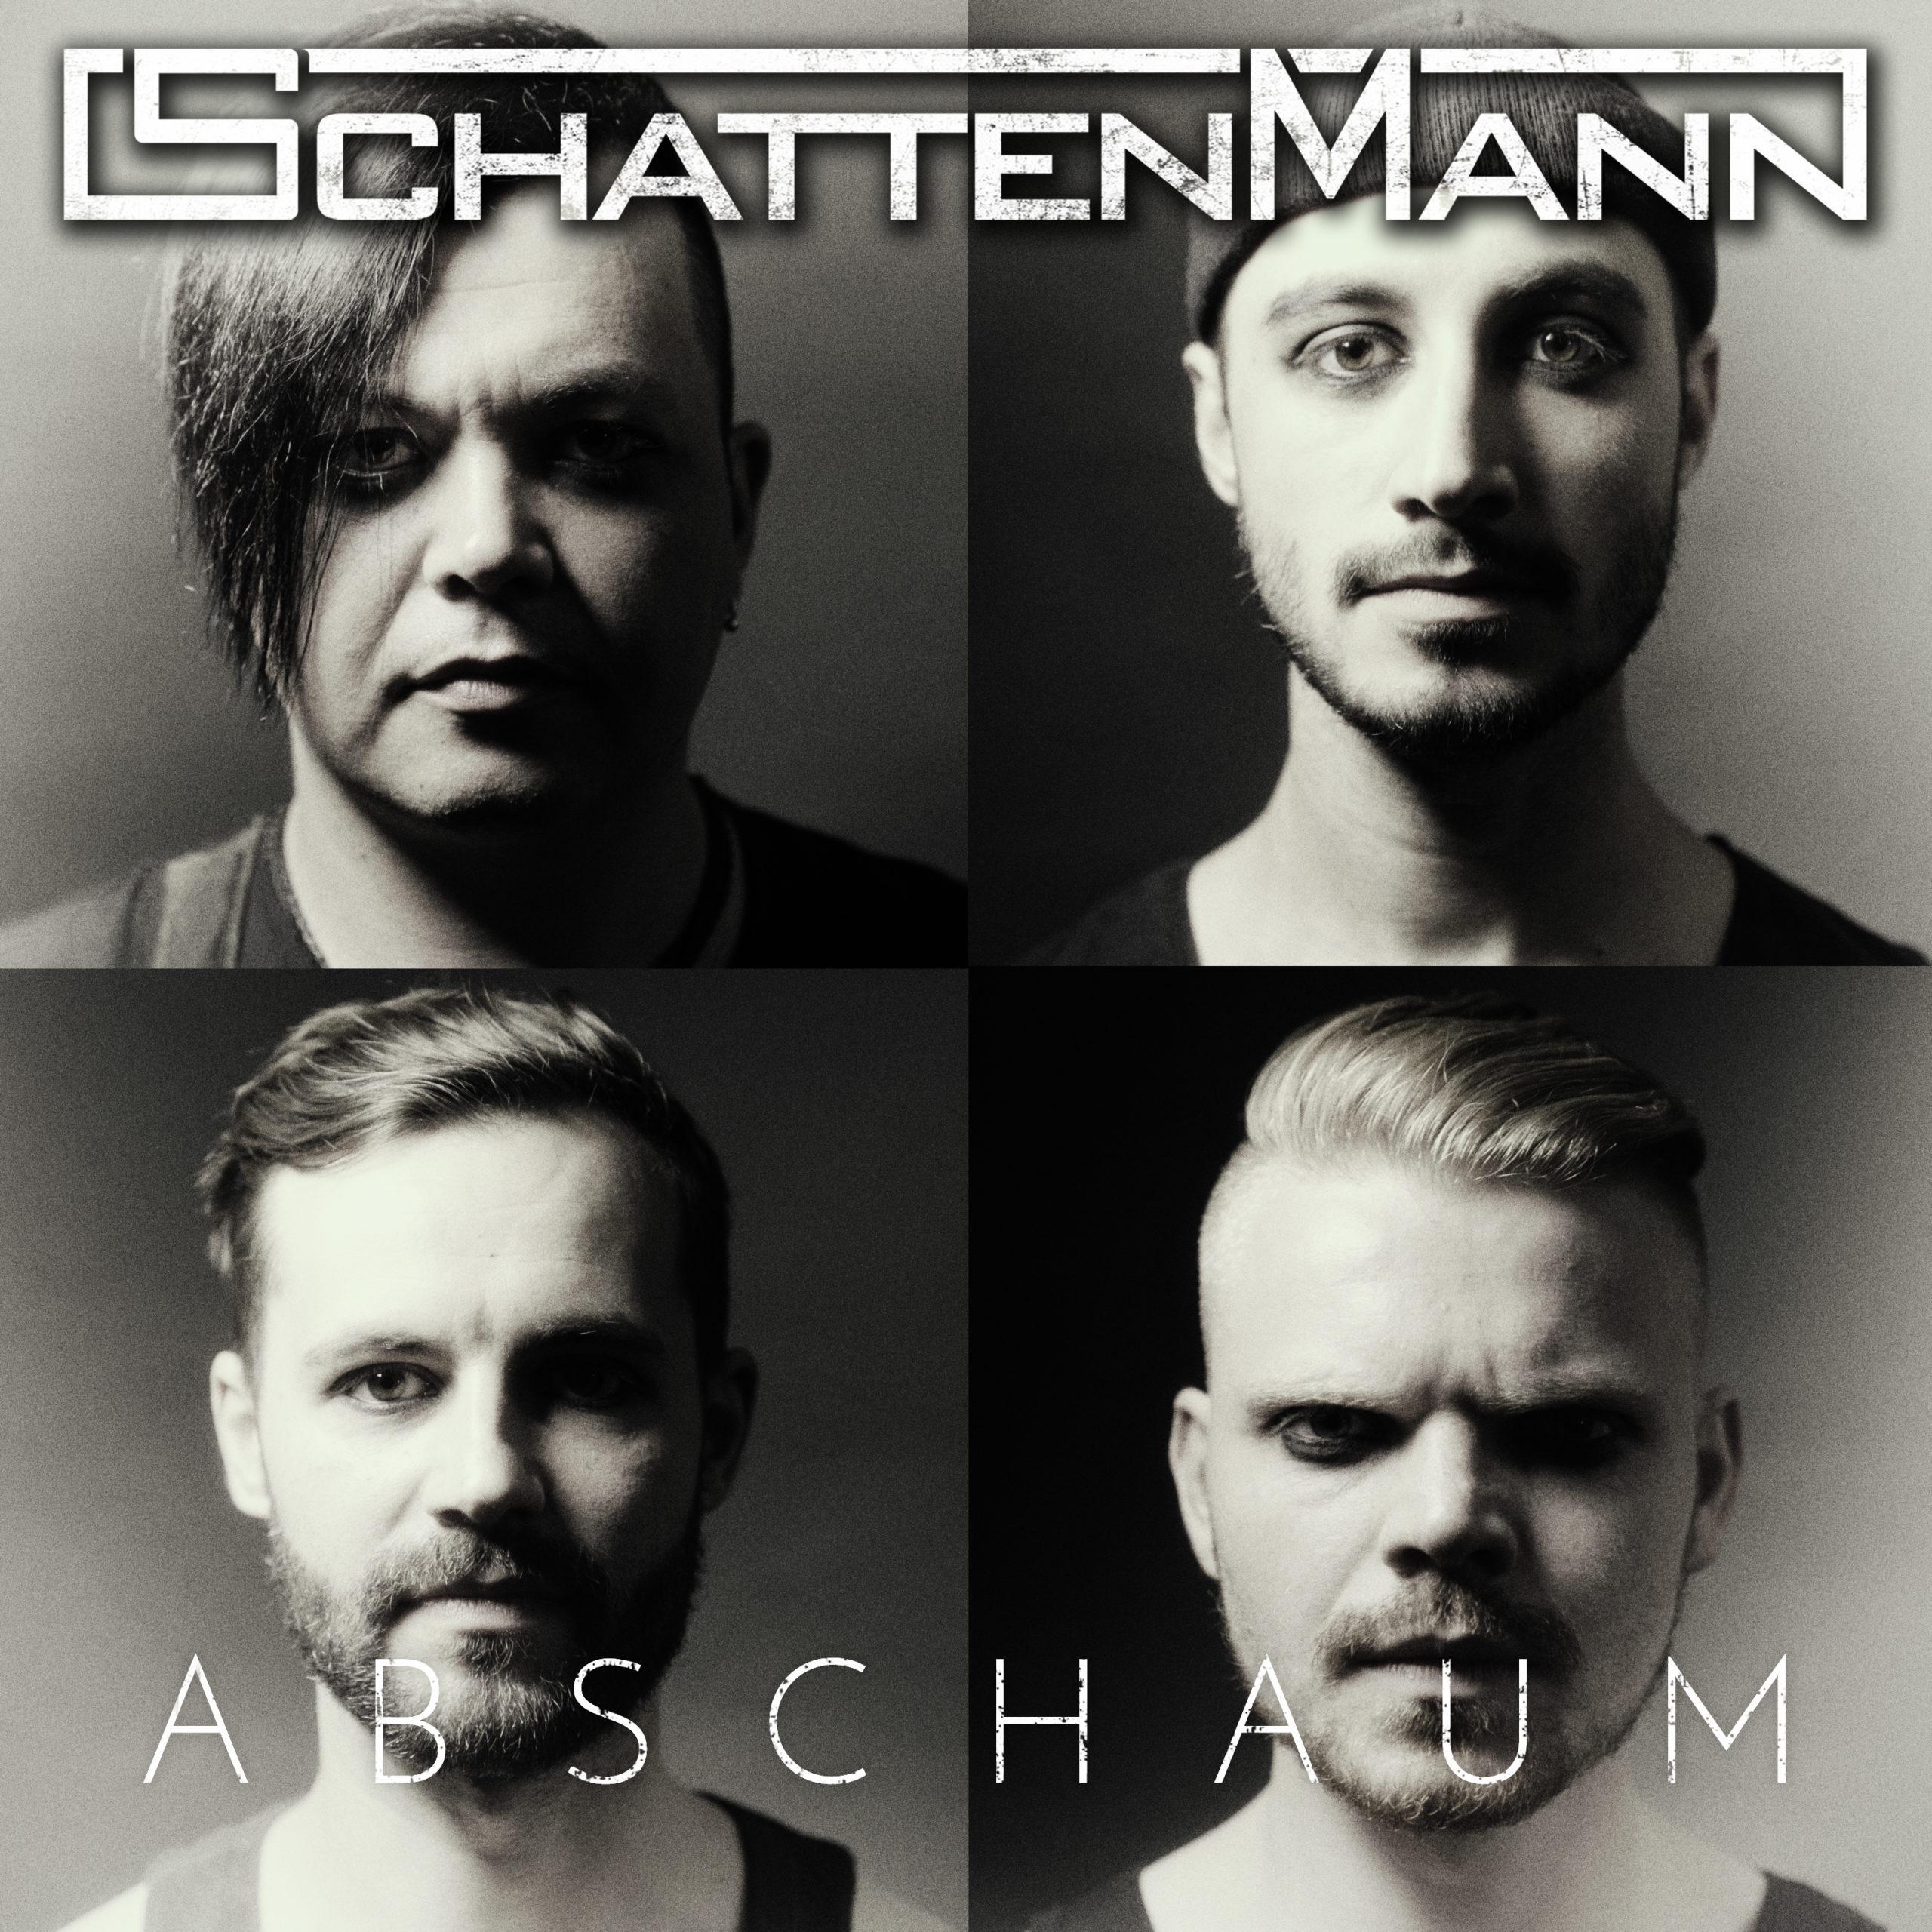 Schattenmann: Nuevo single y vídeo «Abschaum»